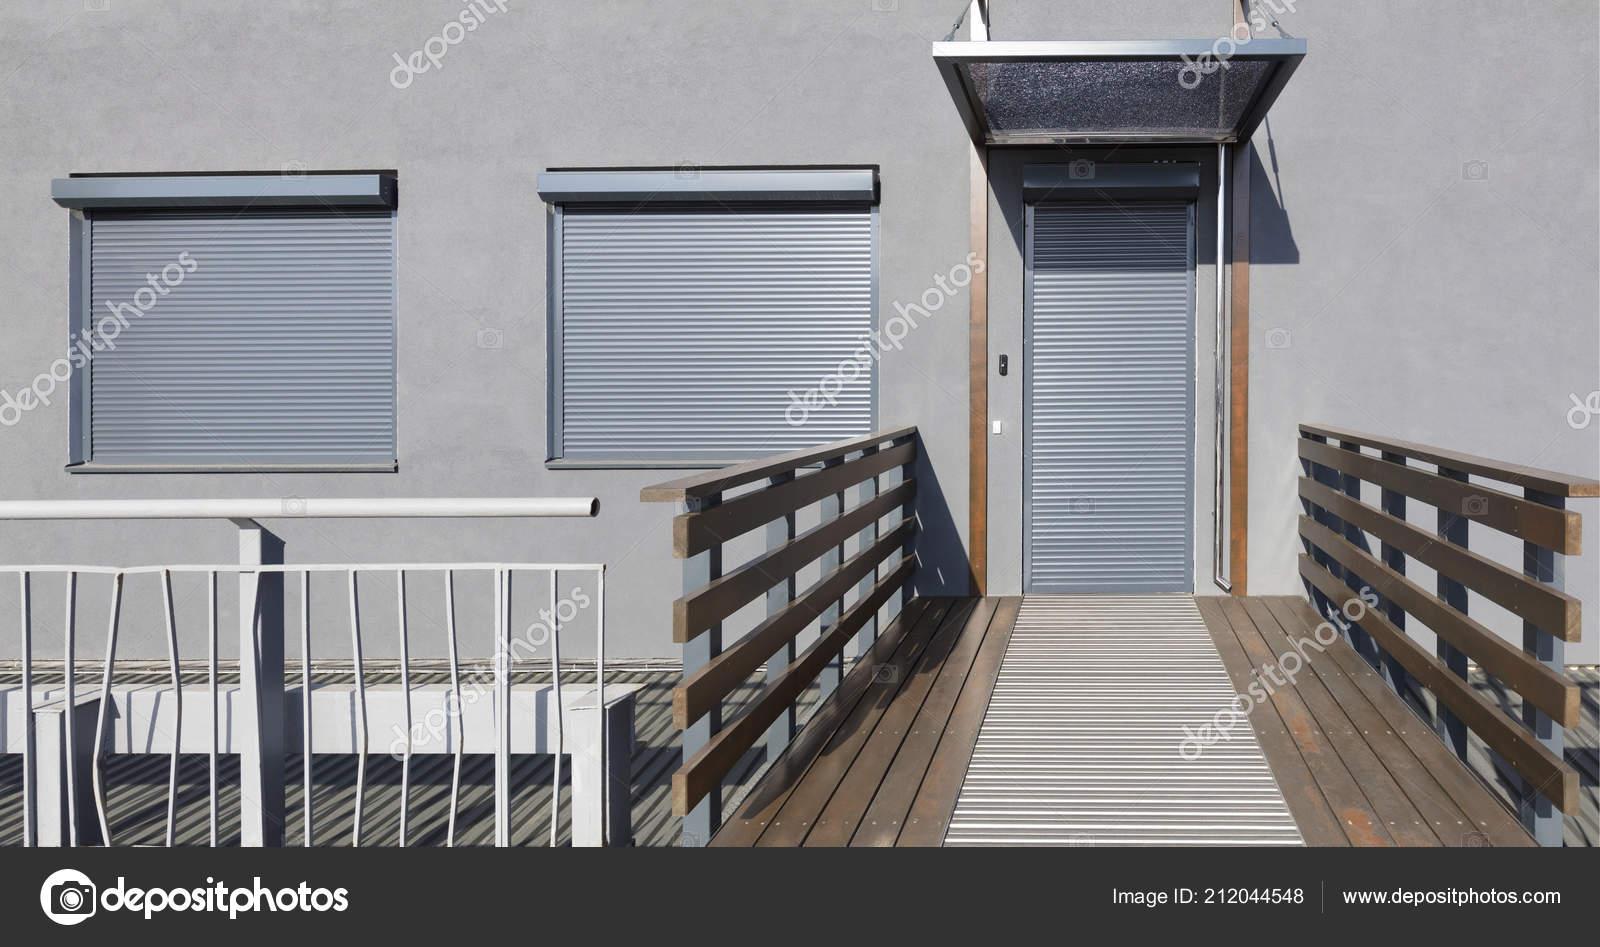 Case Con Persiane Grigie : Persiane metallo grigio chiaro porte finestre della casa u foto